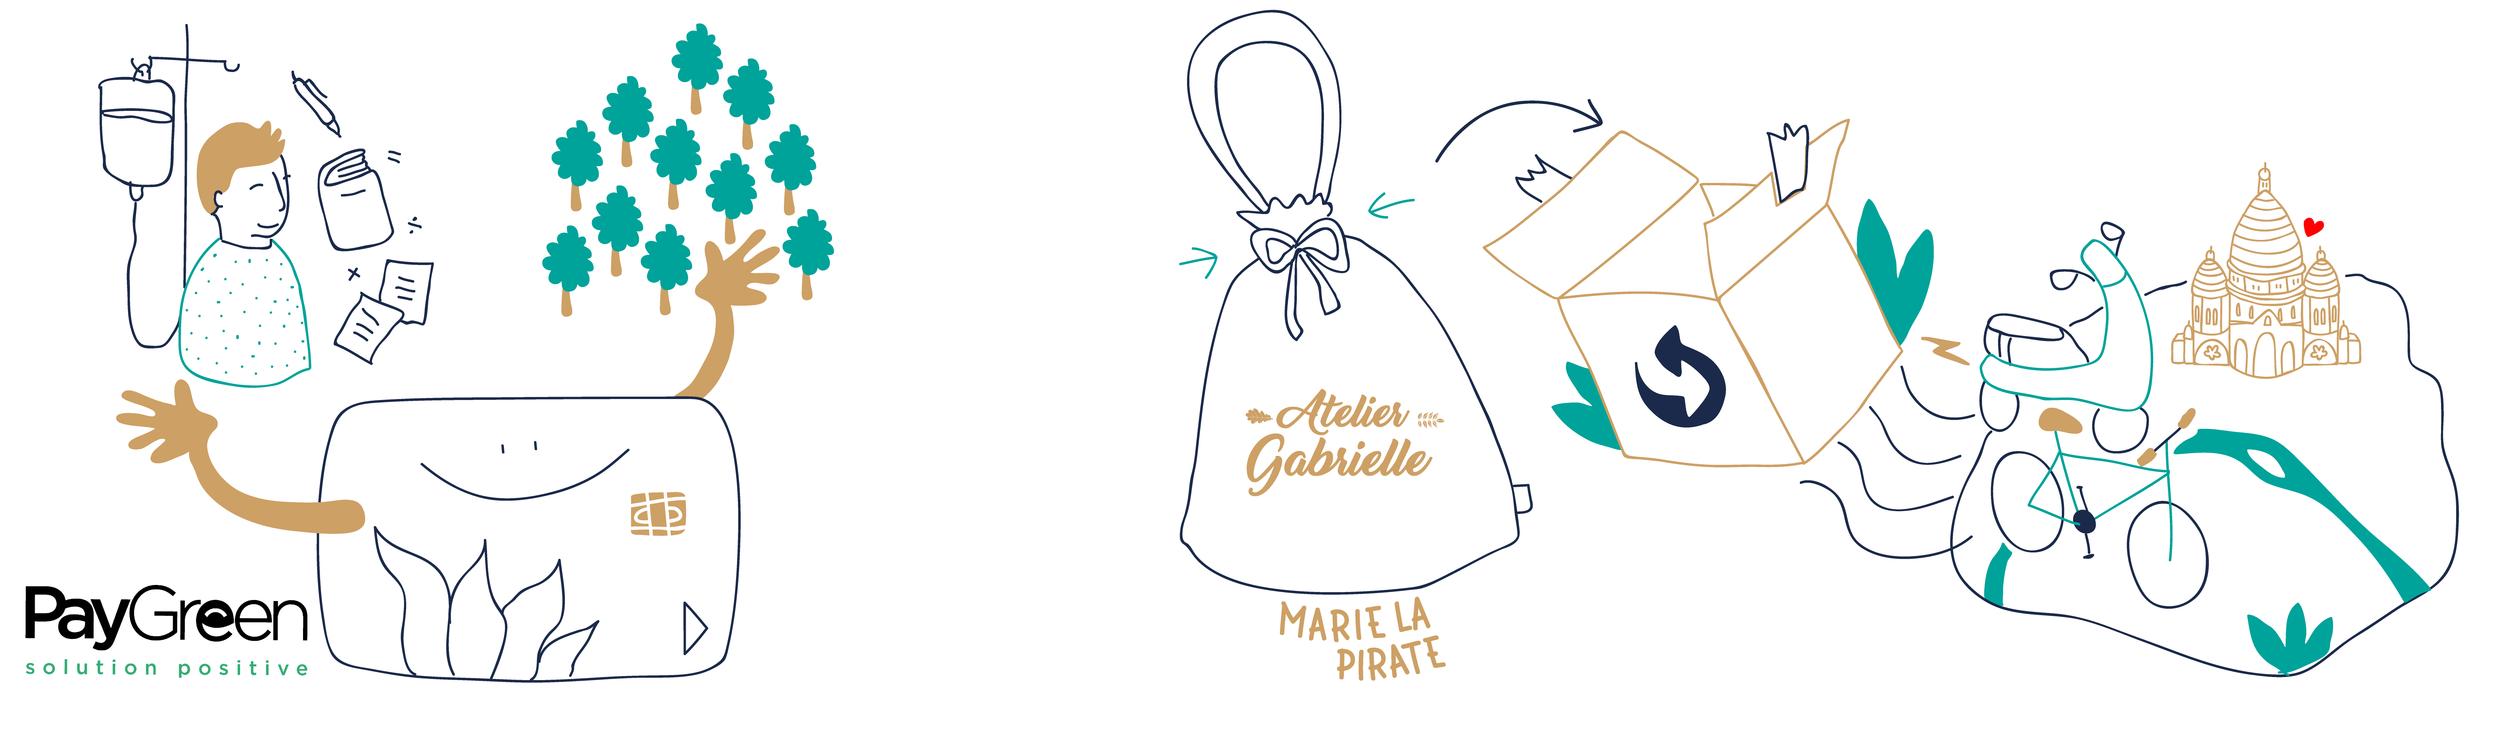 Céline parle de l'engagement d'Atelier Gabrielle dans La Vraie Dose